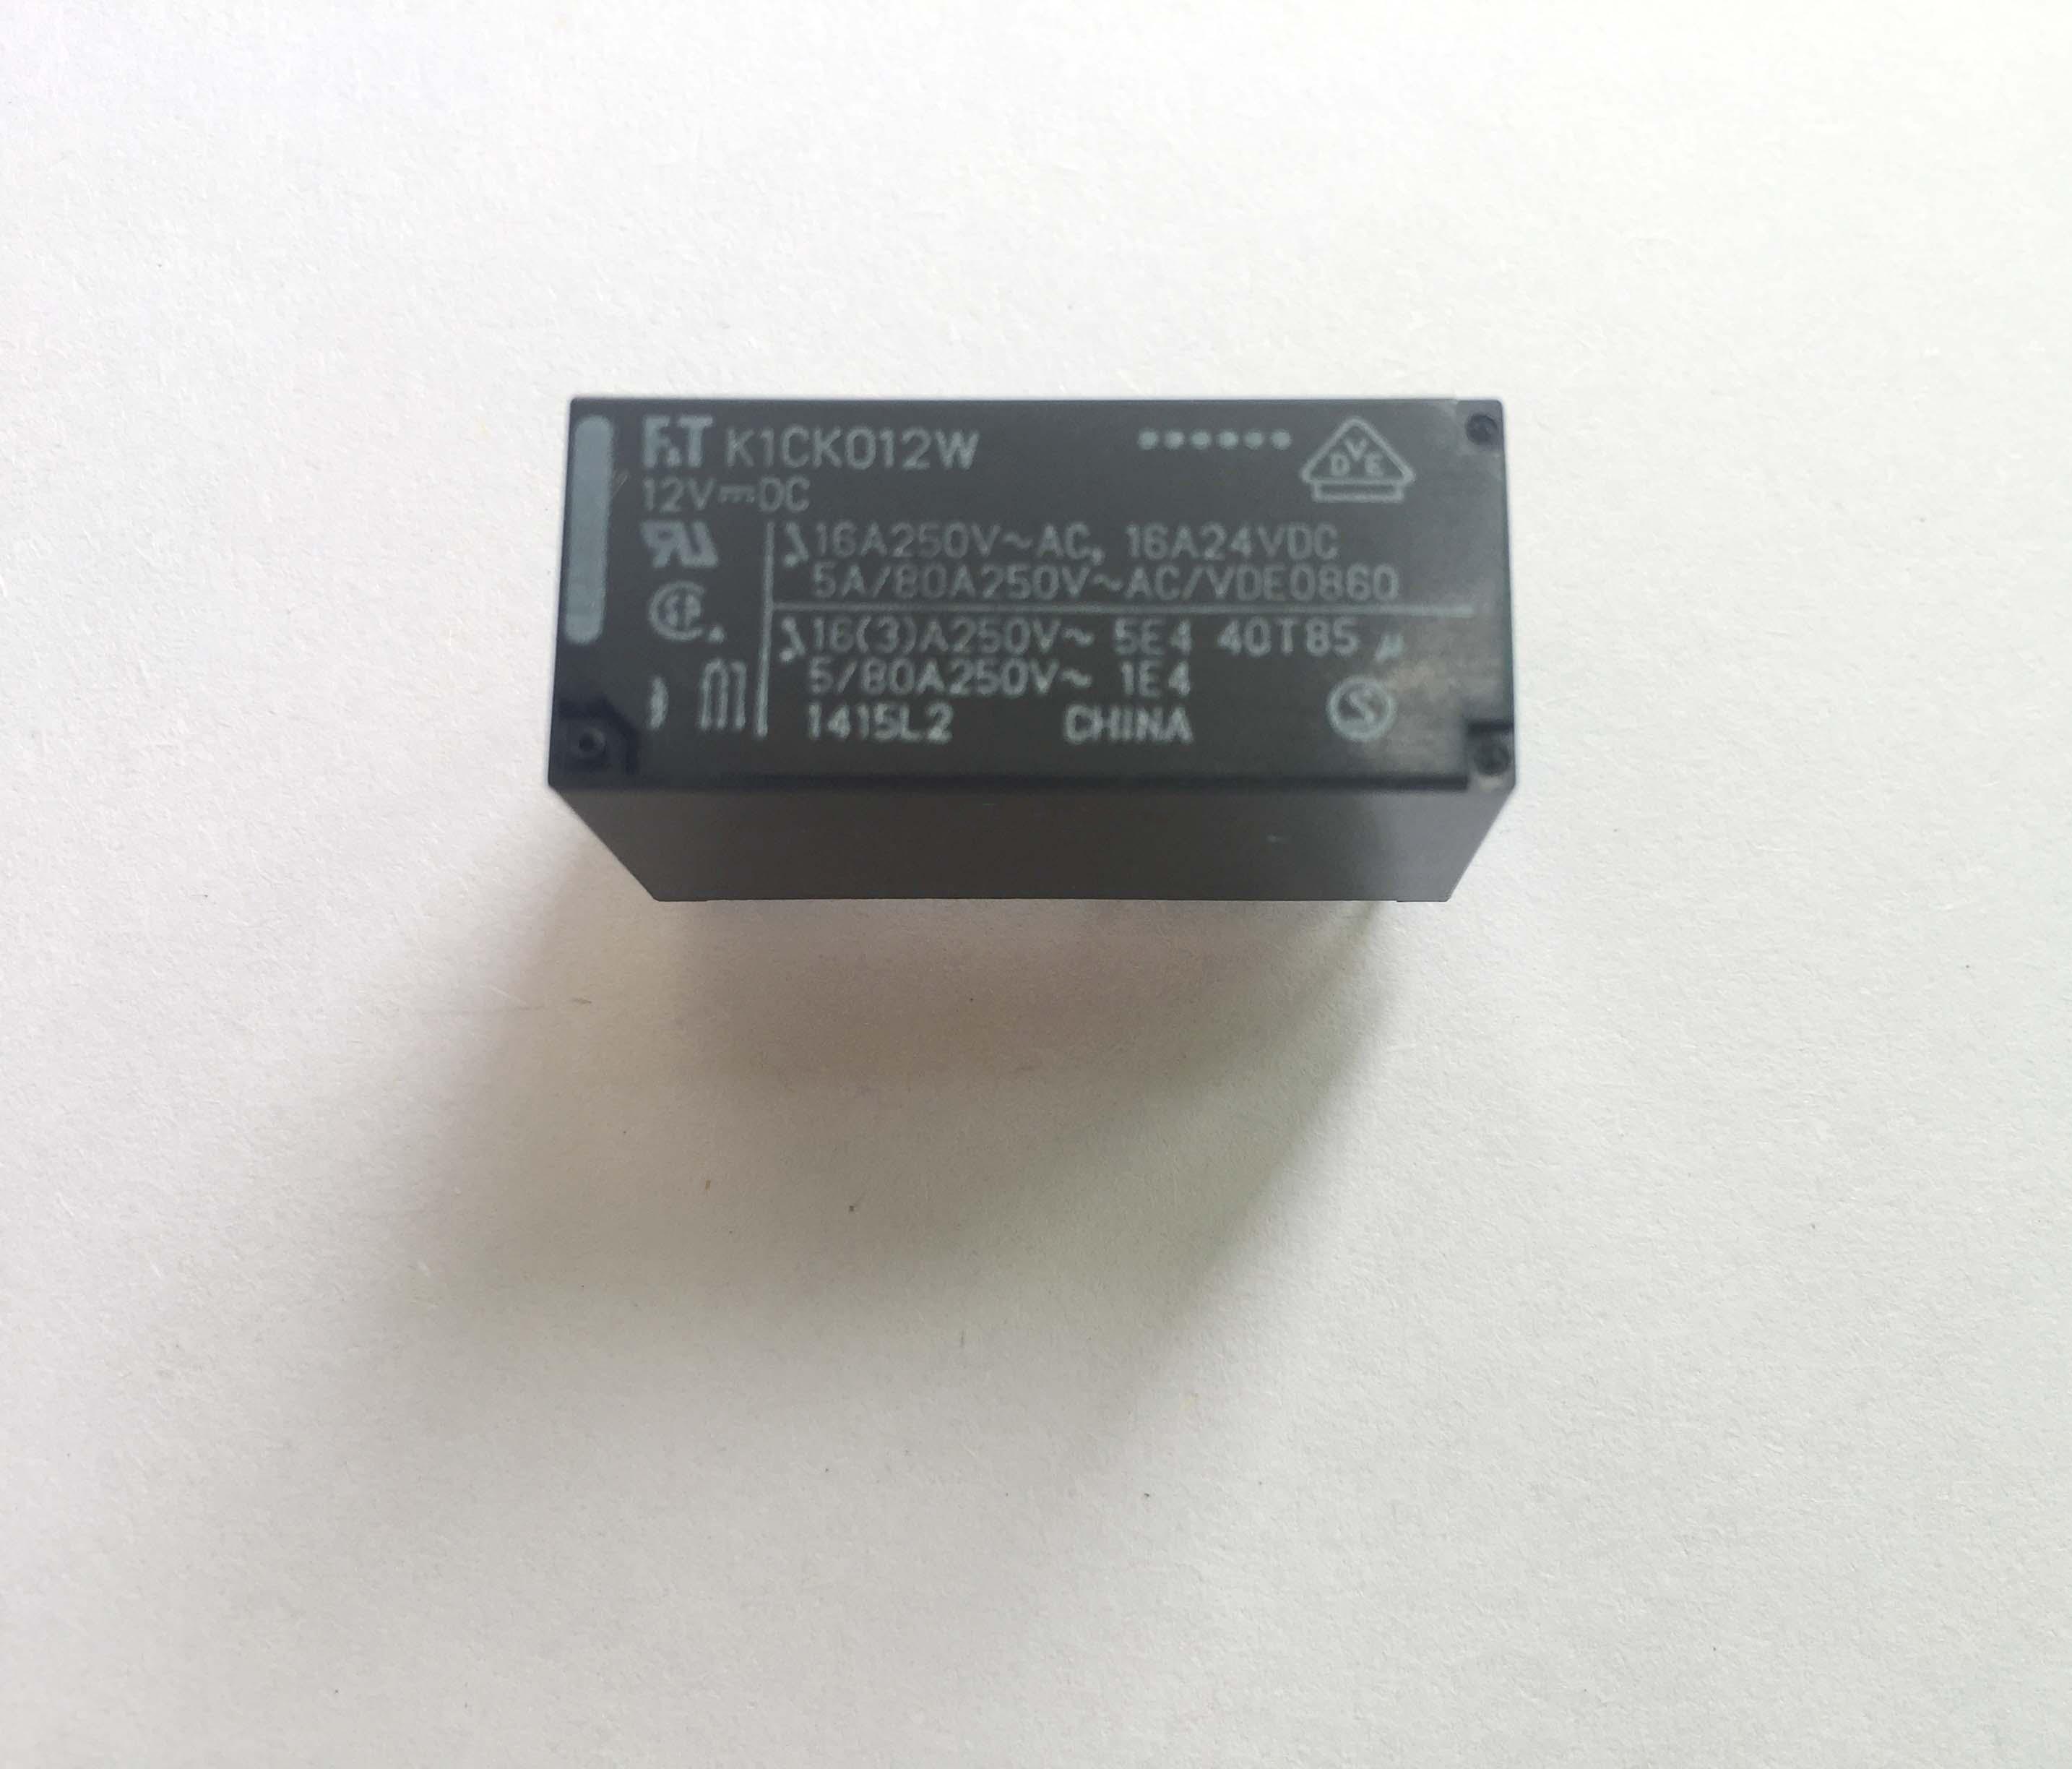 全新8脚12V继电器FTR-K1CK012W 8脚 16A DC12V 原装富士通